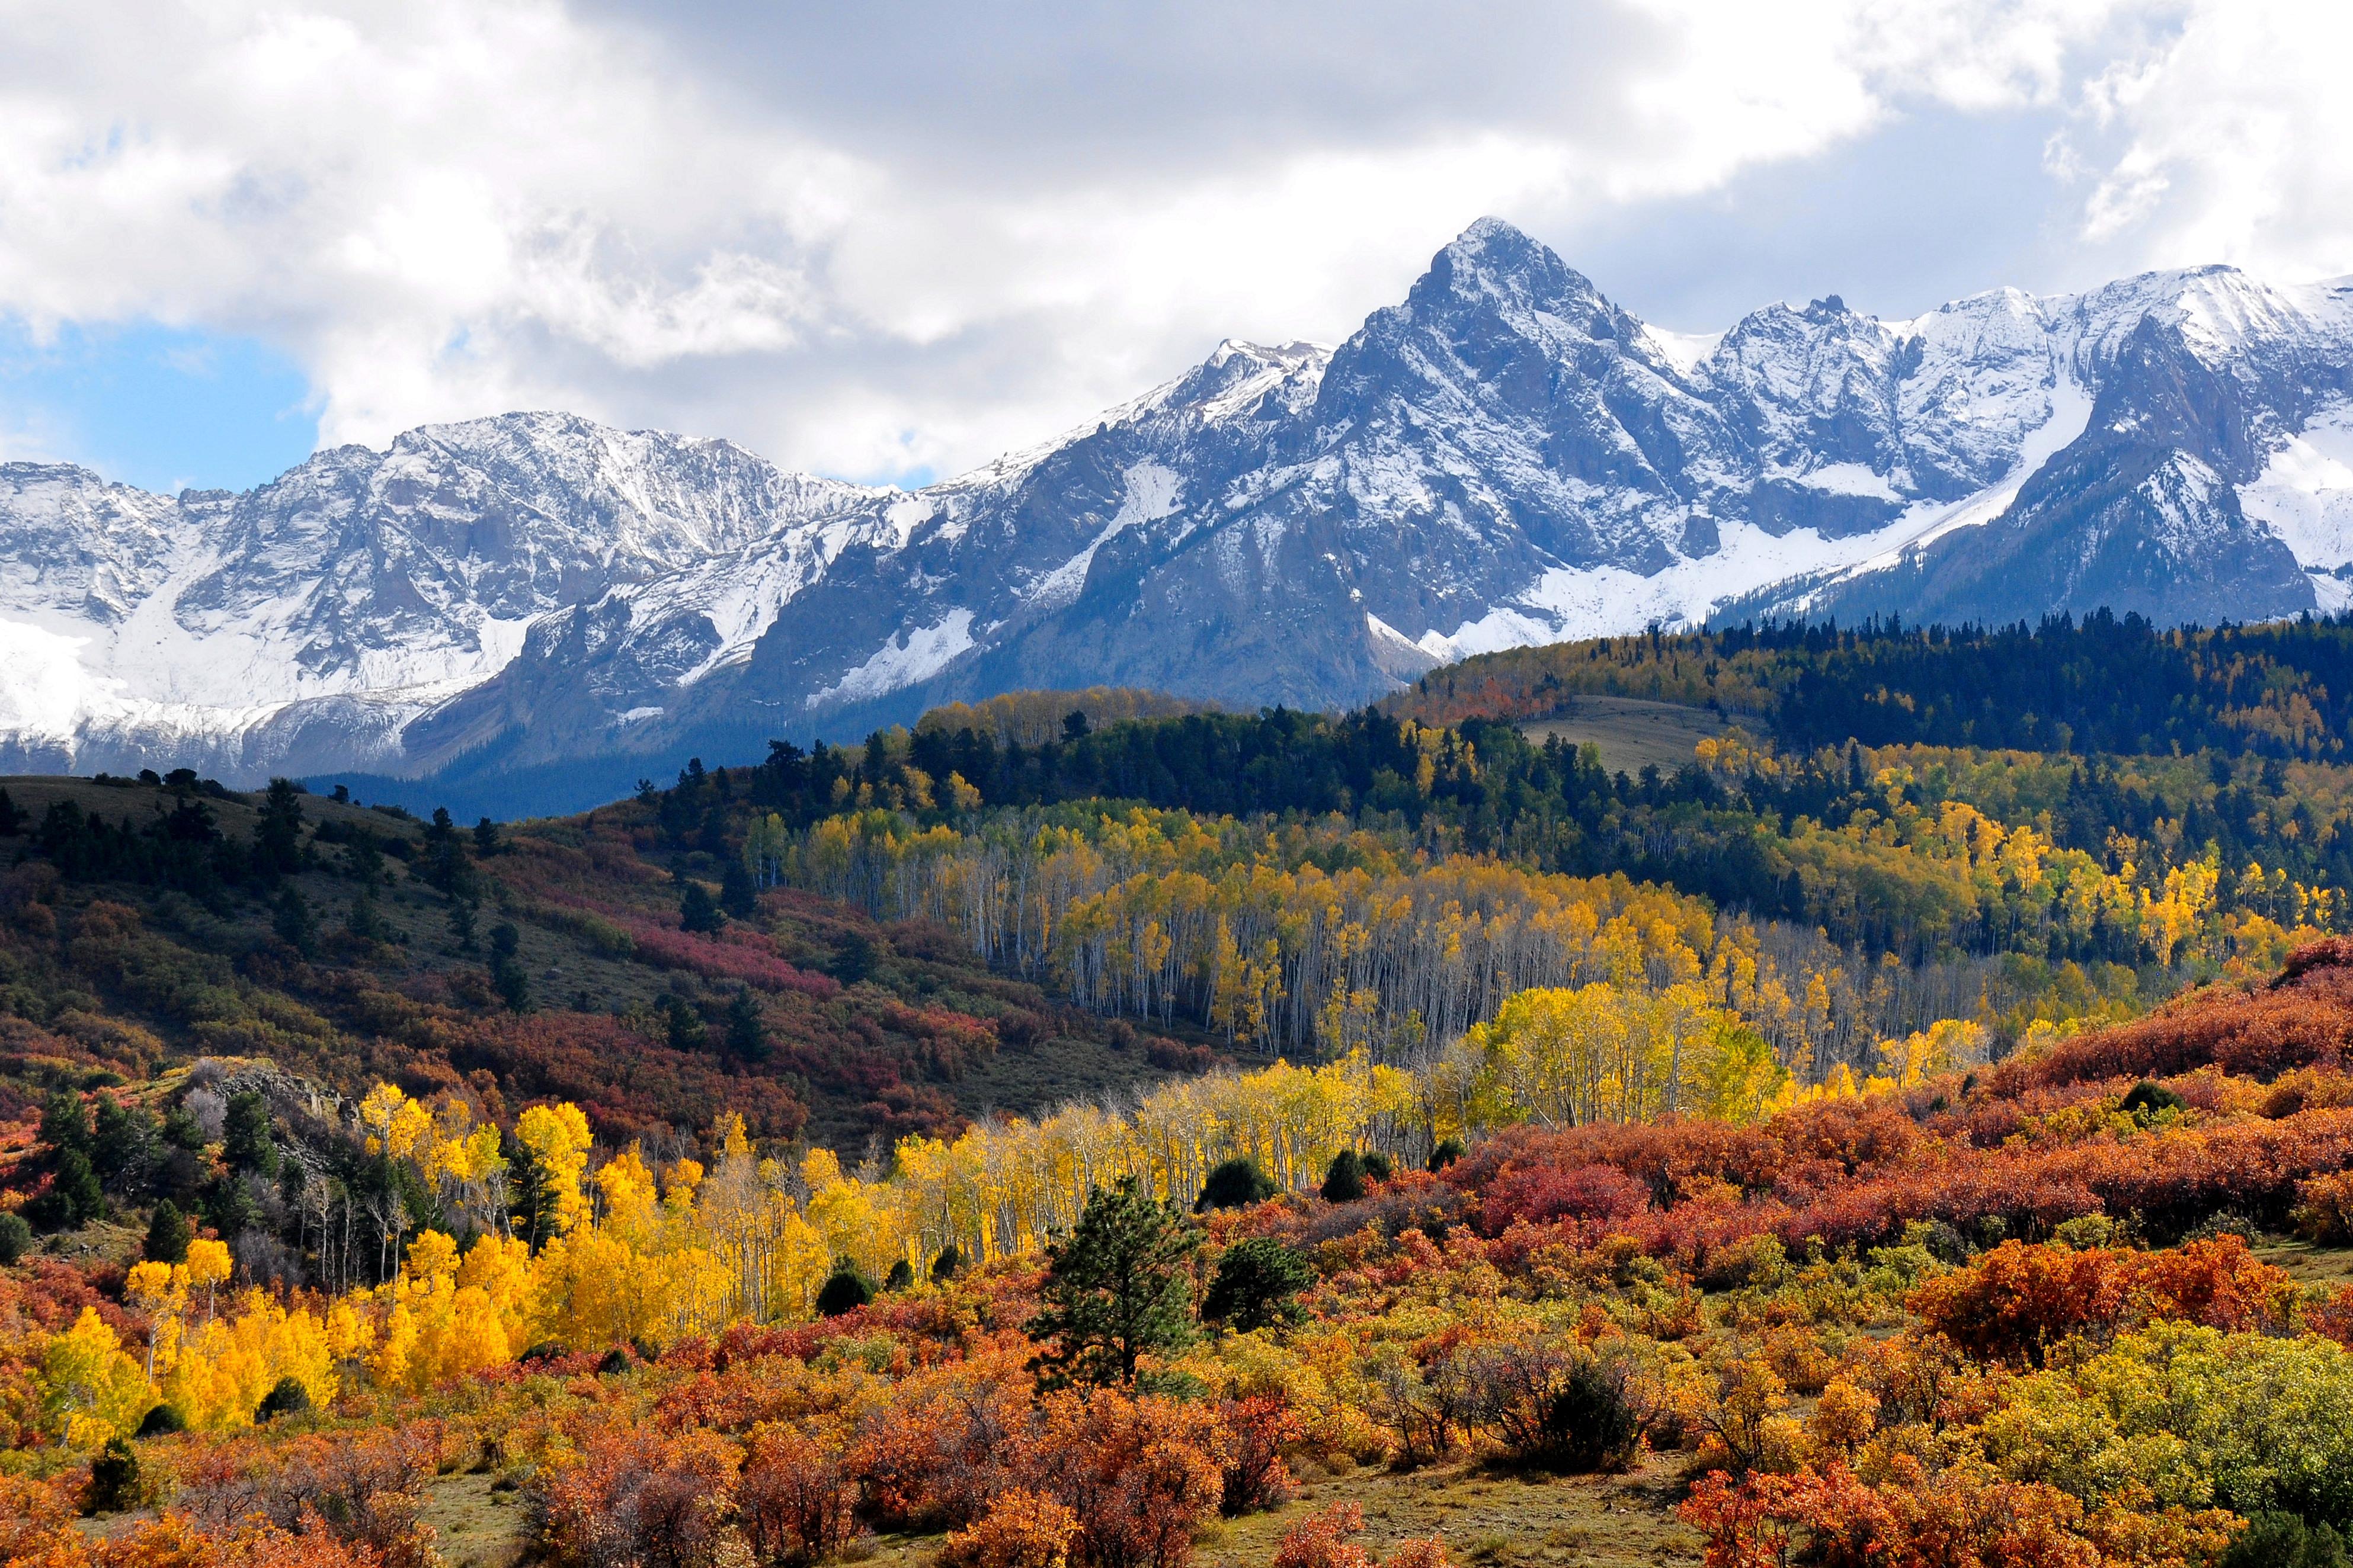 Fall_colors_near_Ridgway,_Colorado.jpg